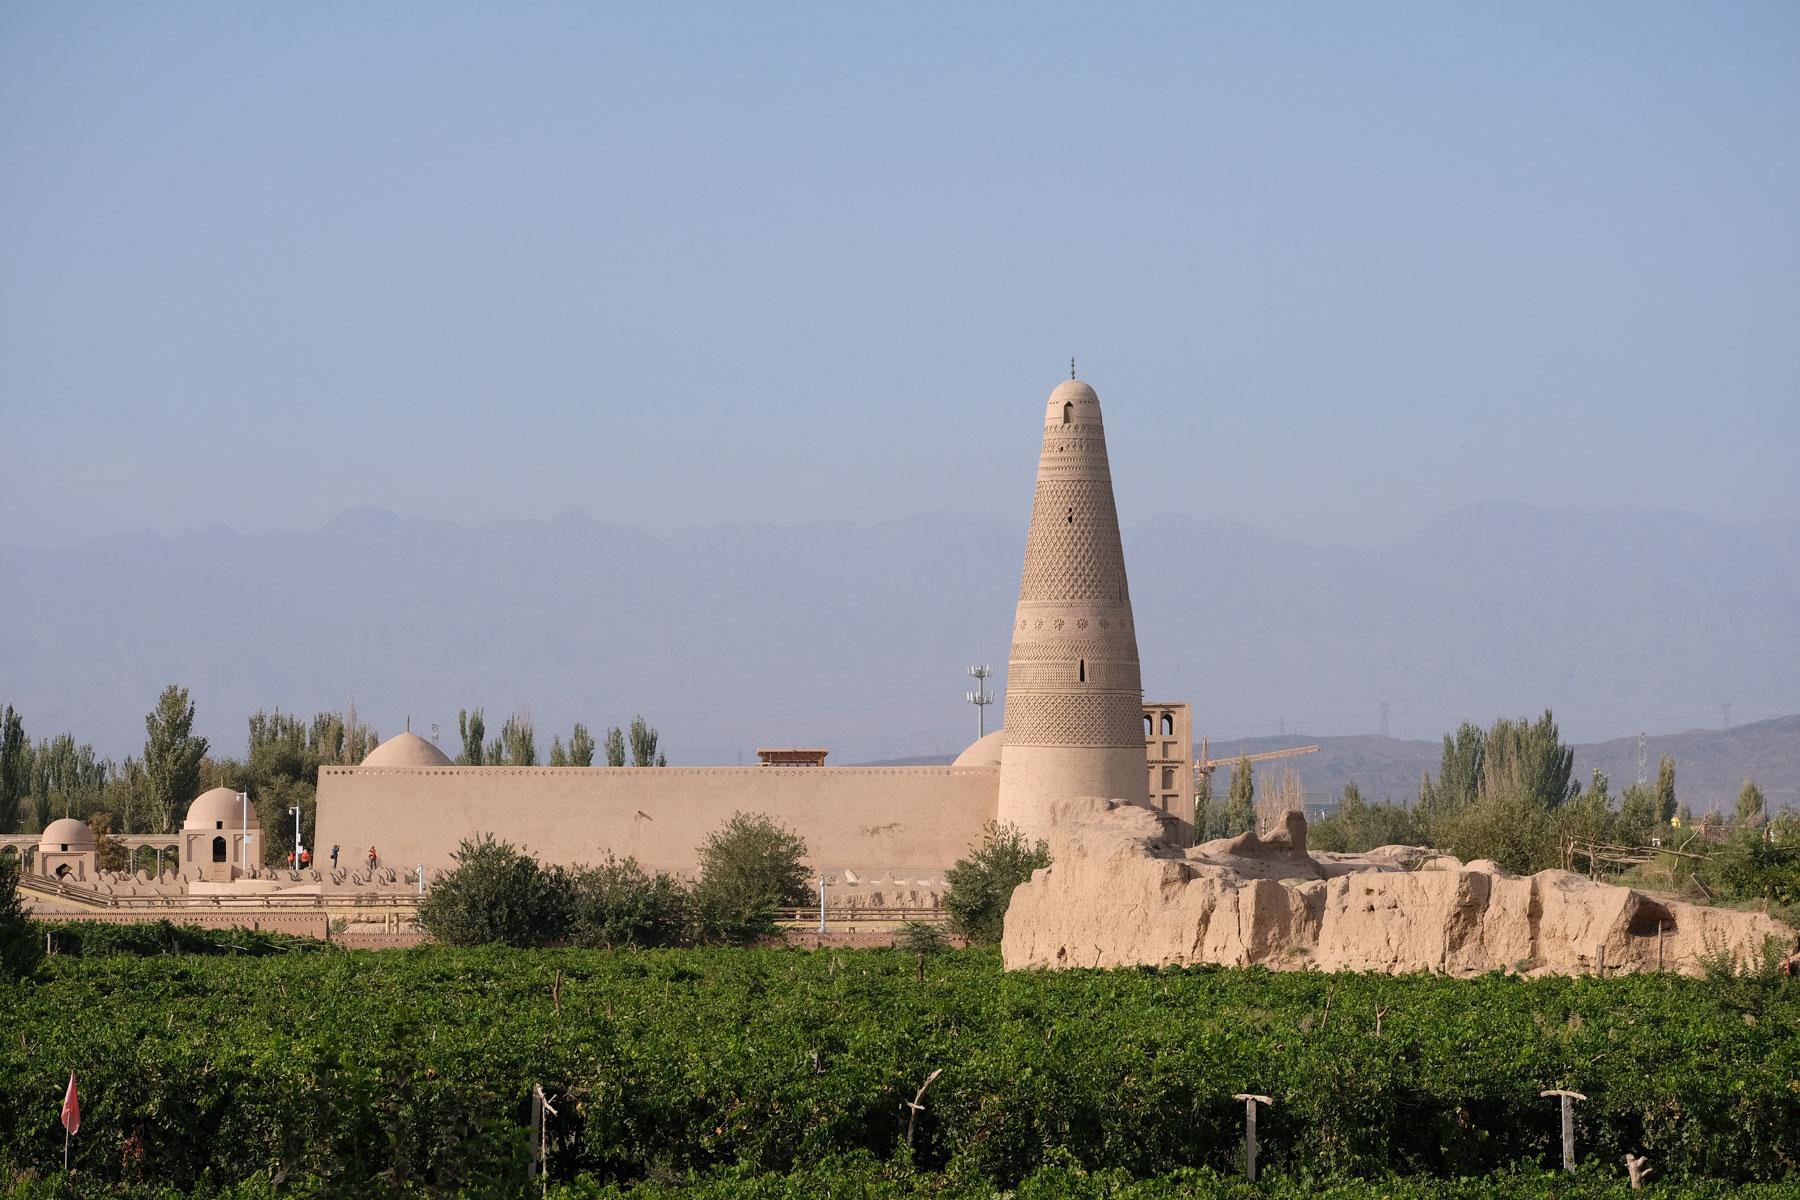 Dann erblicken wir auch unser heutiges Ausflugsziel: Das Minarett